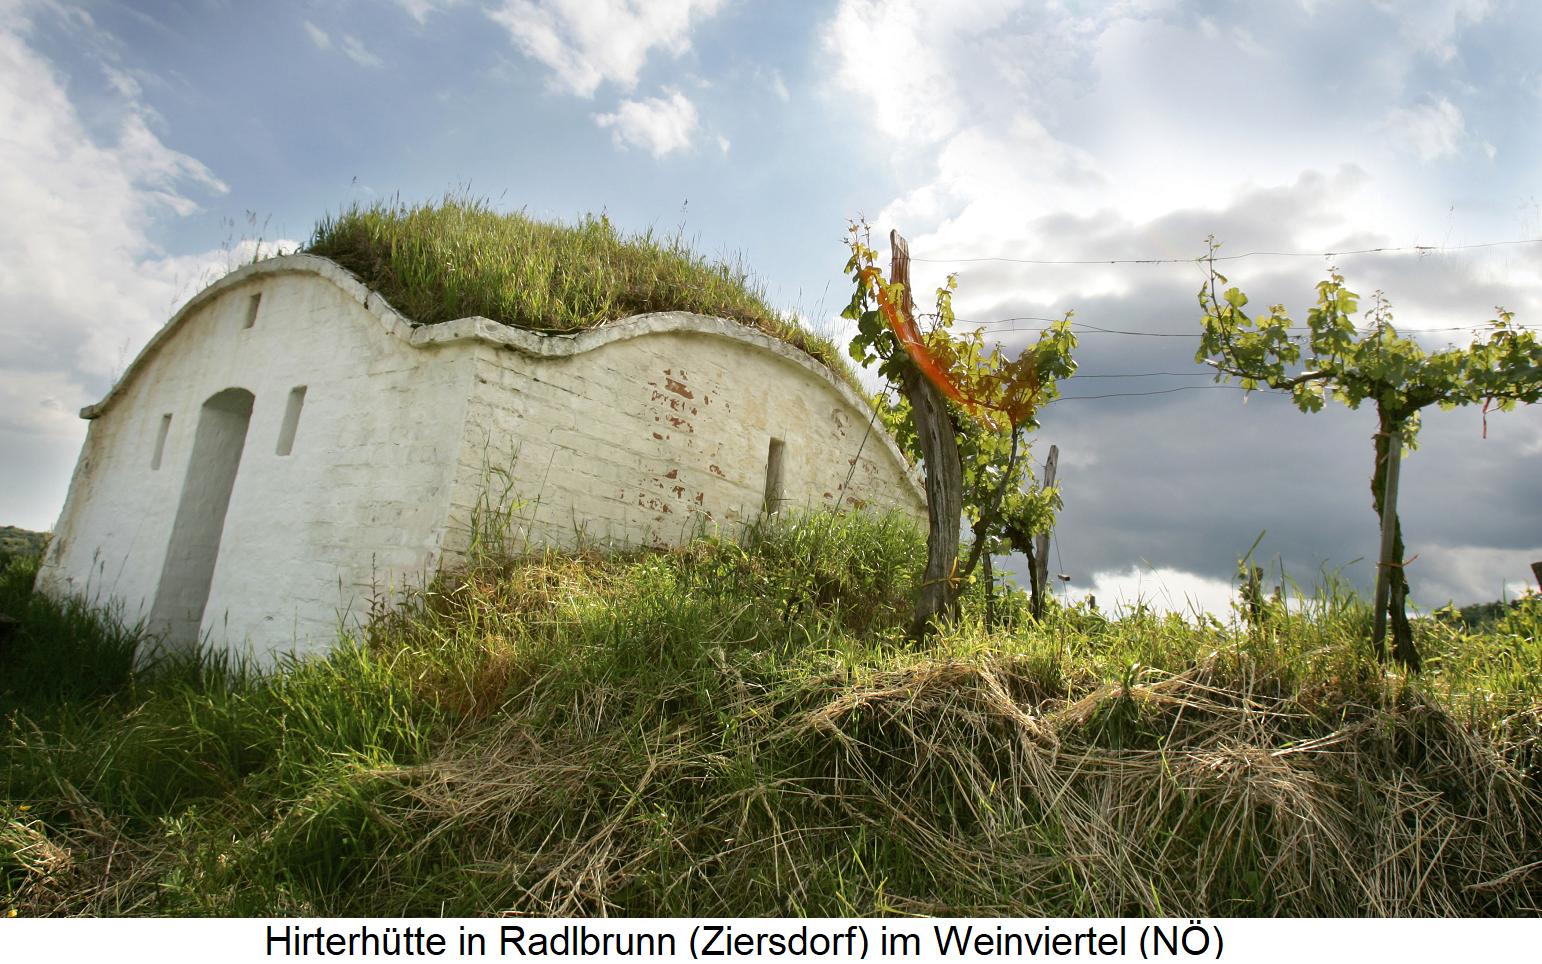 Weingartenhüter - Hirterhütte in Radlbrunn (Zierdsdorf) in the Weinviertel (Lower Austria)